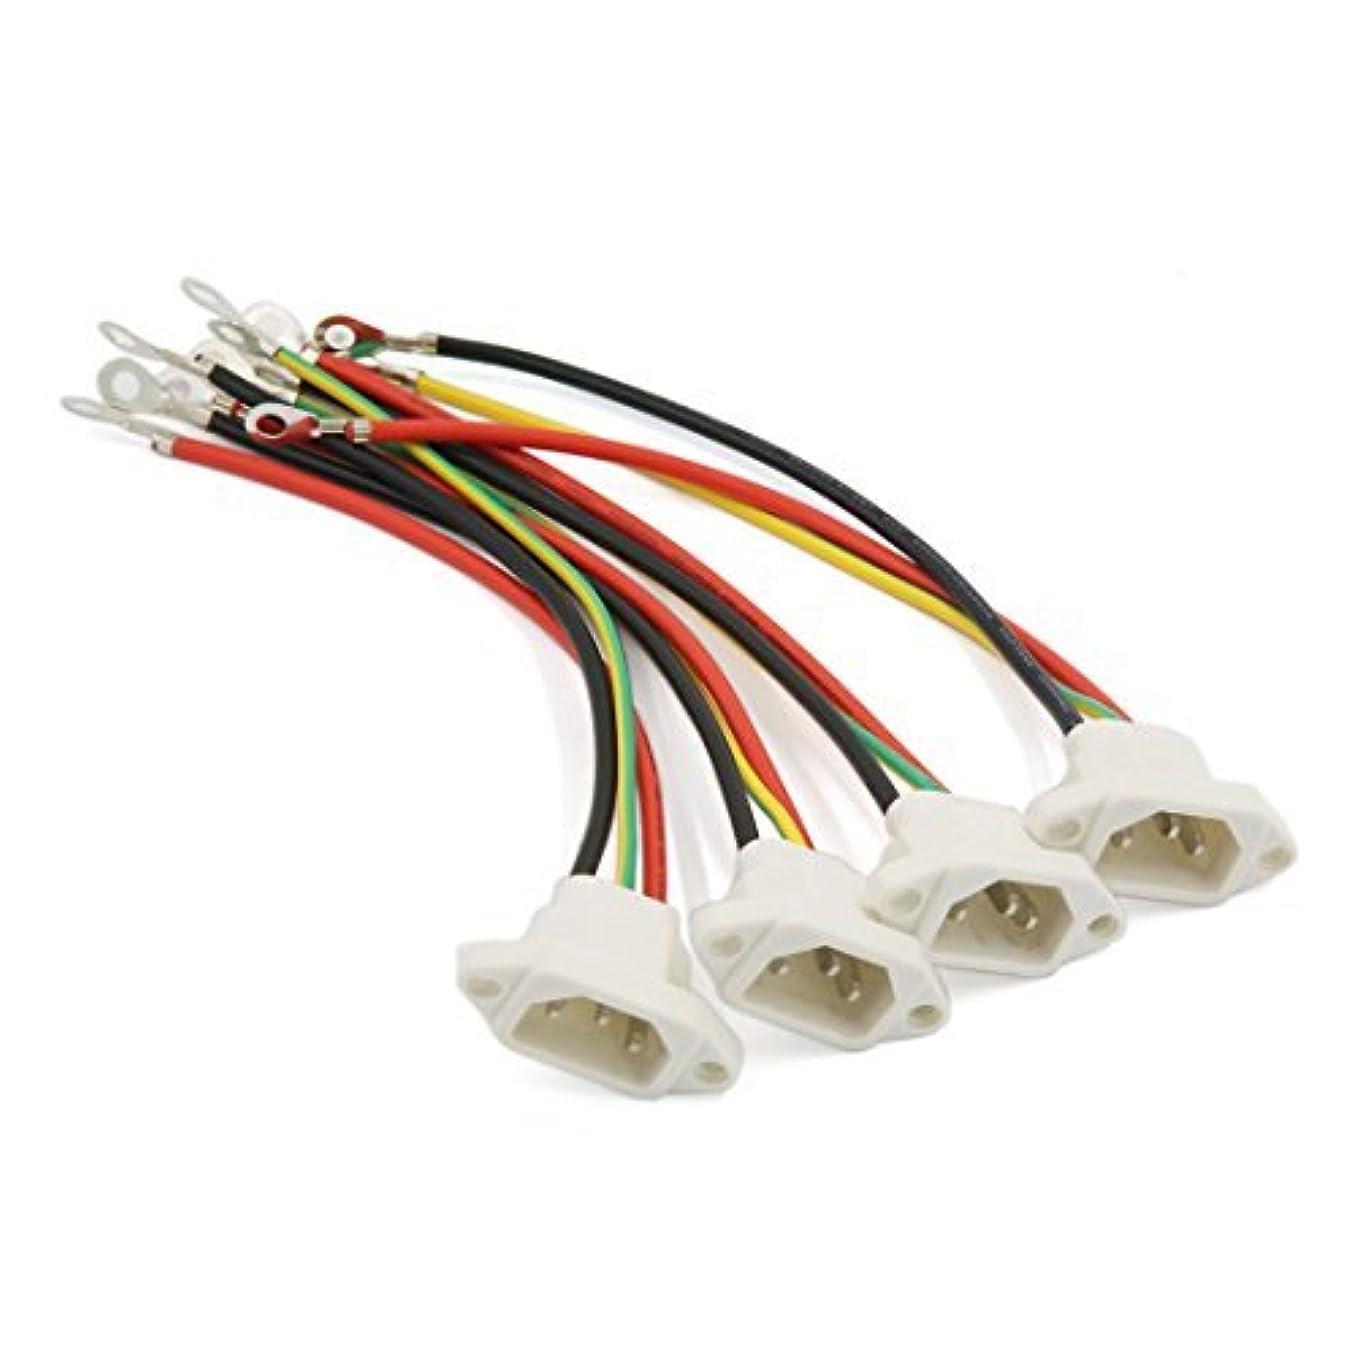 について性格つぶす電動自転車のための特殊なアダプタのコネクタを充電DealMux 4本21.8センチメートルロング3つの端子の配線